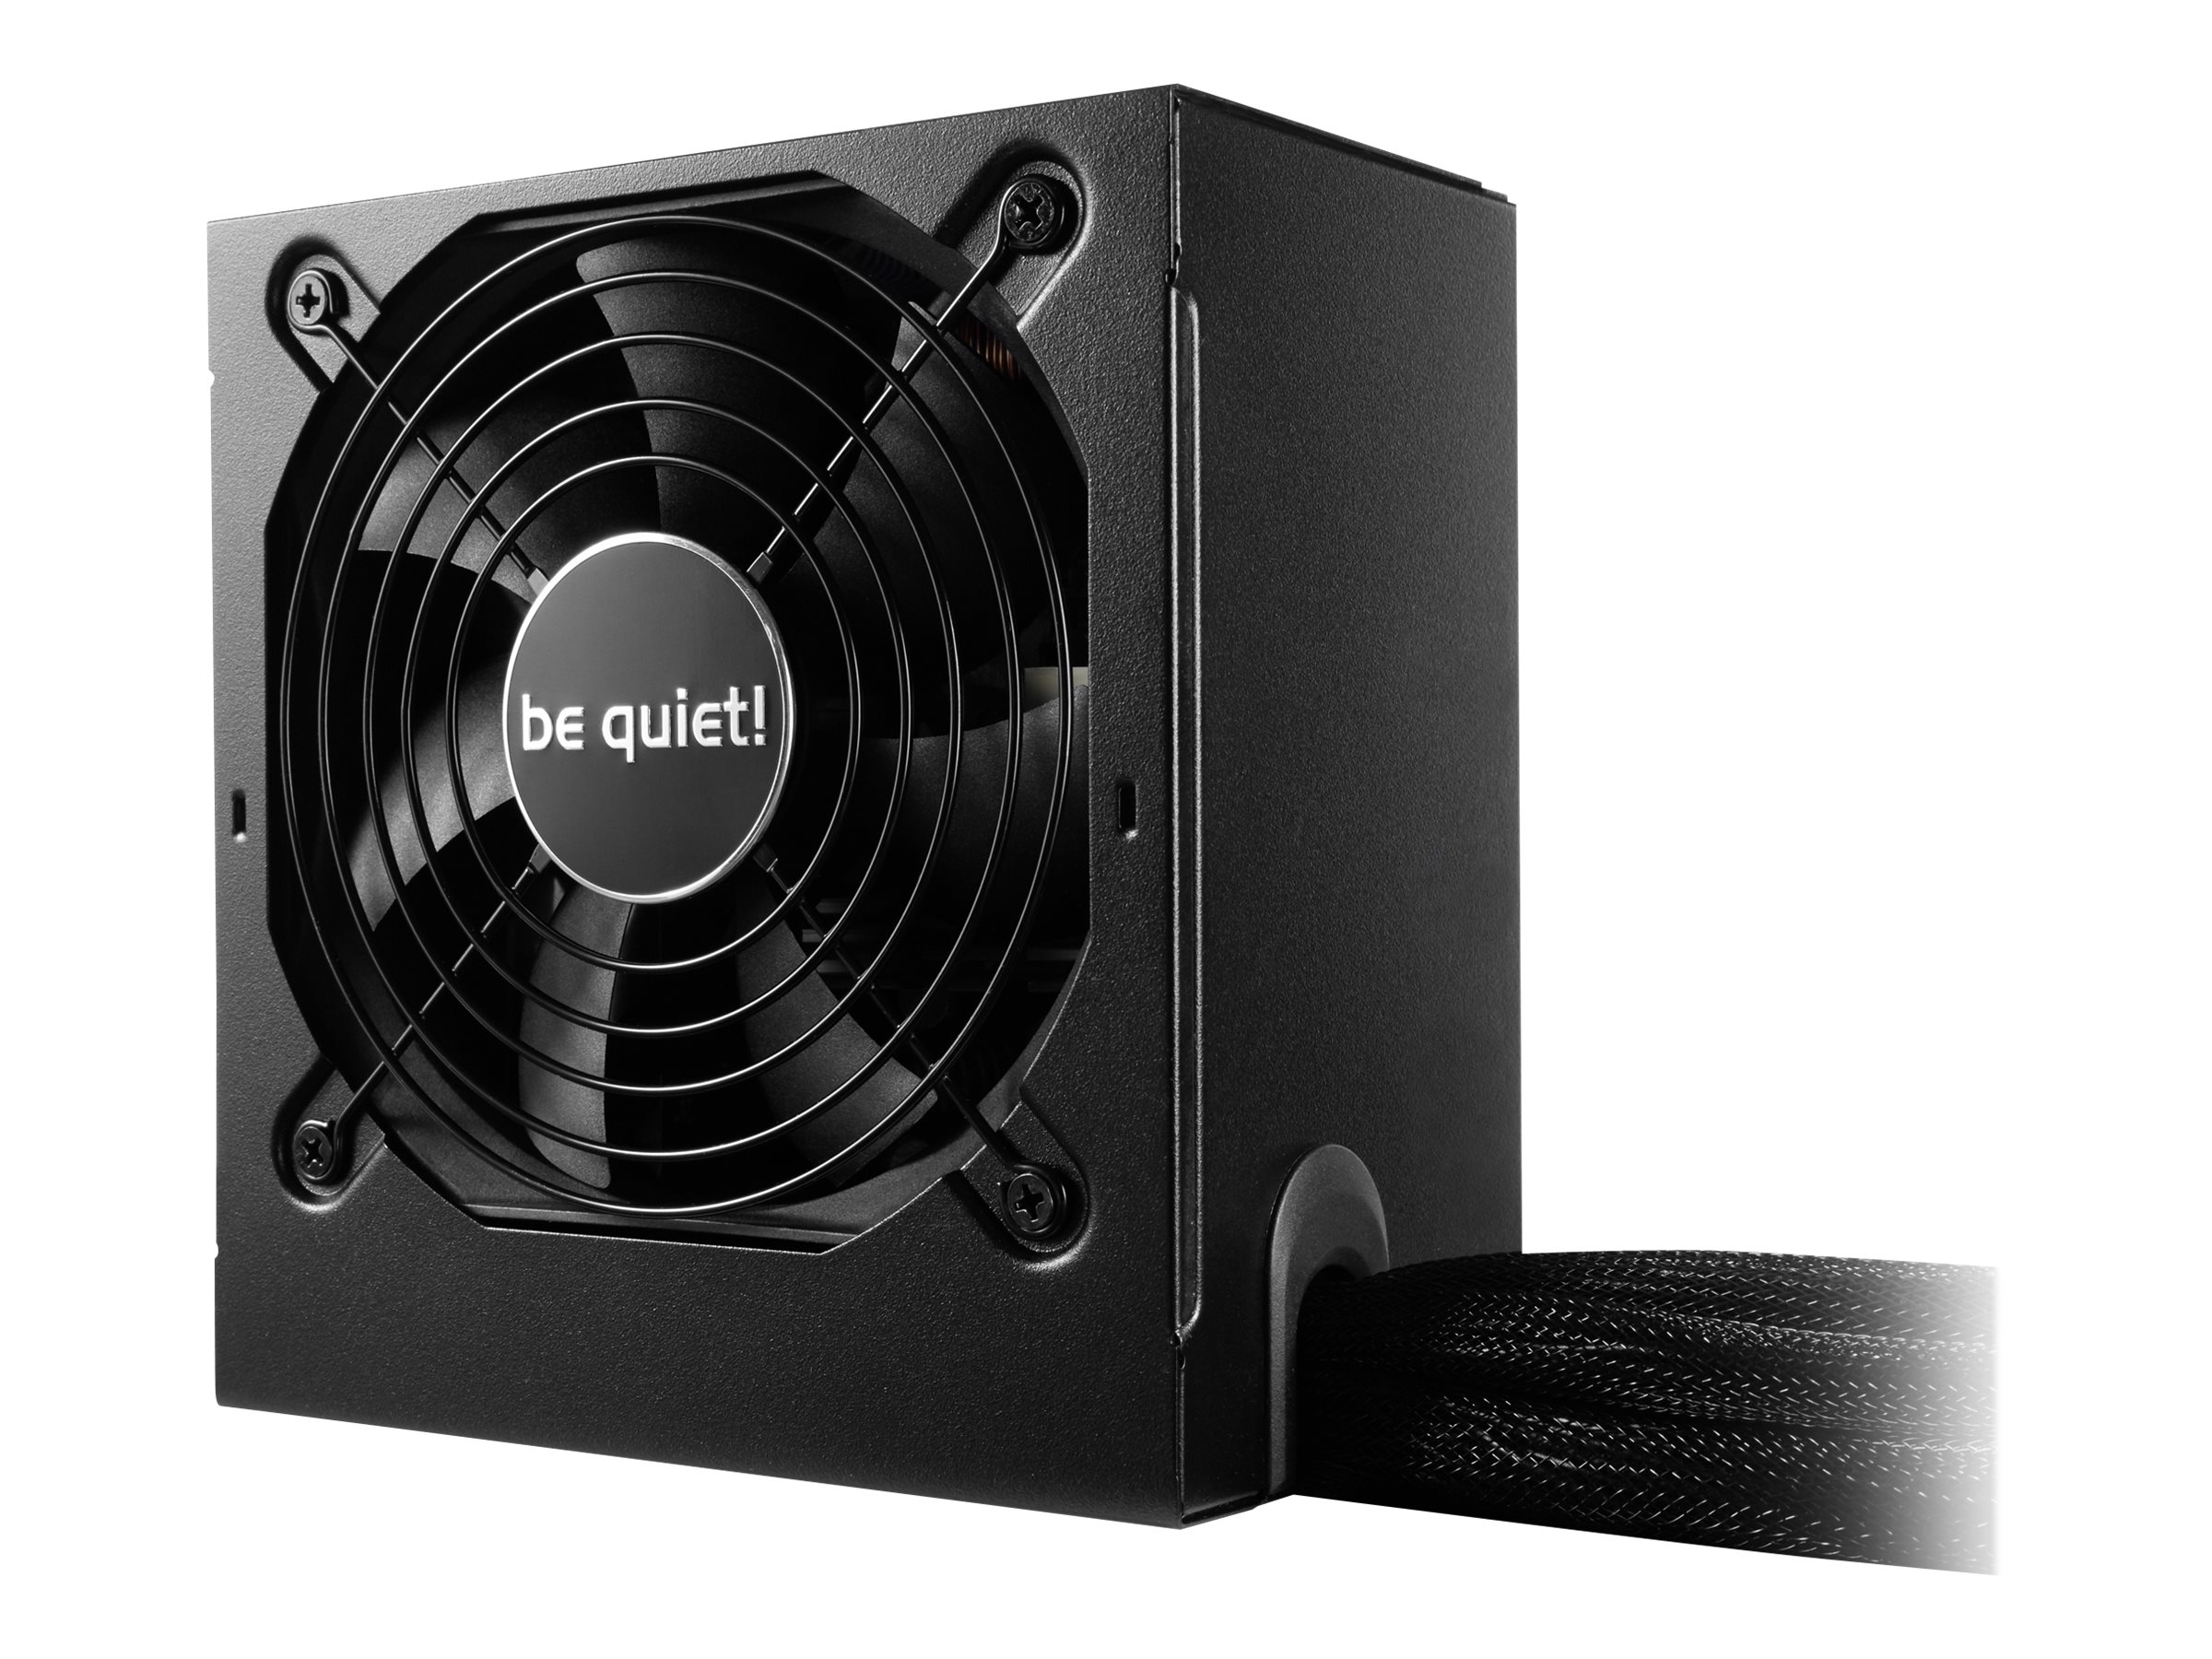 be quiet! System Power 9 400W - Stromversorgung (intern) - ATX12V 2.4 - 80 PLUS Bronze - Wechselstrom 200-240 V - 400 Watt